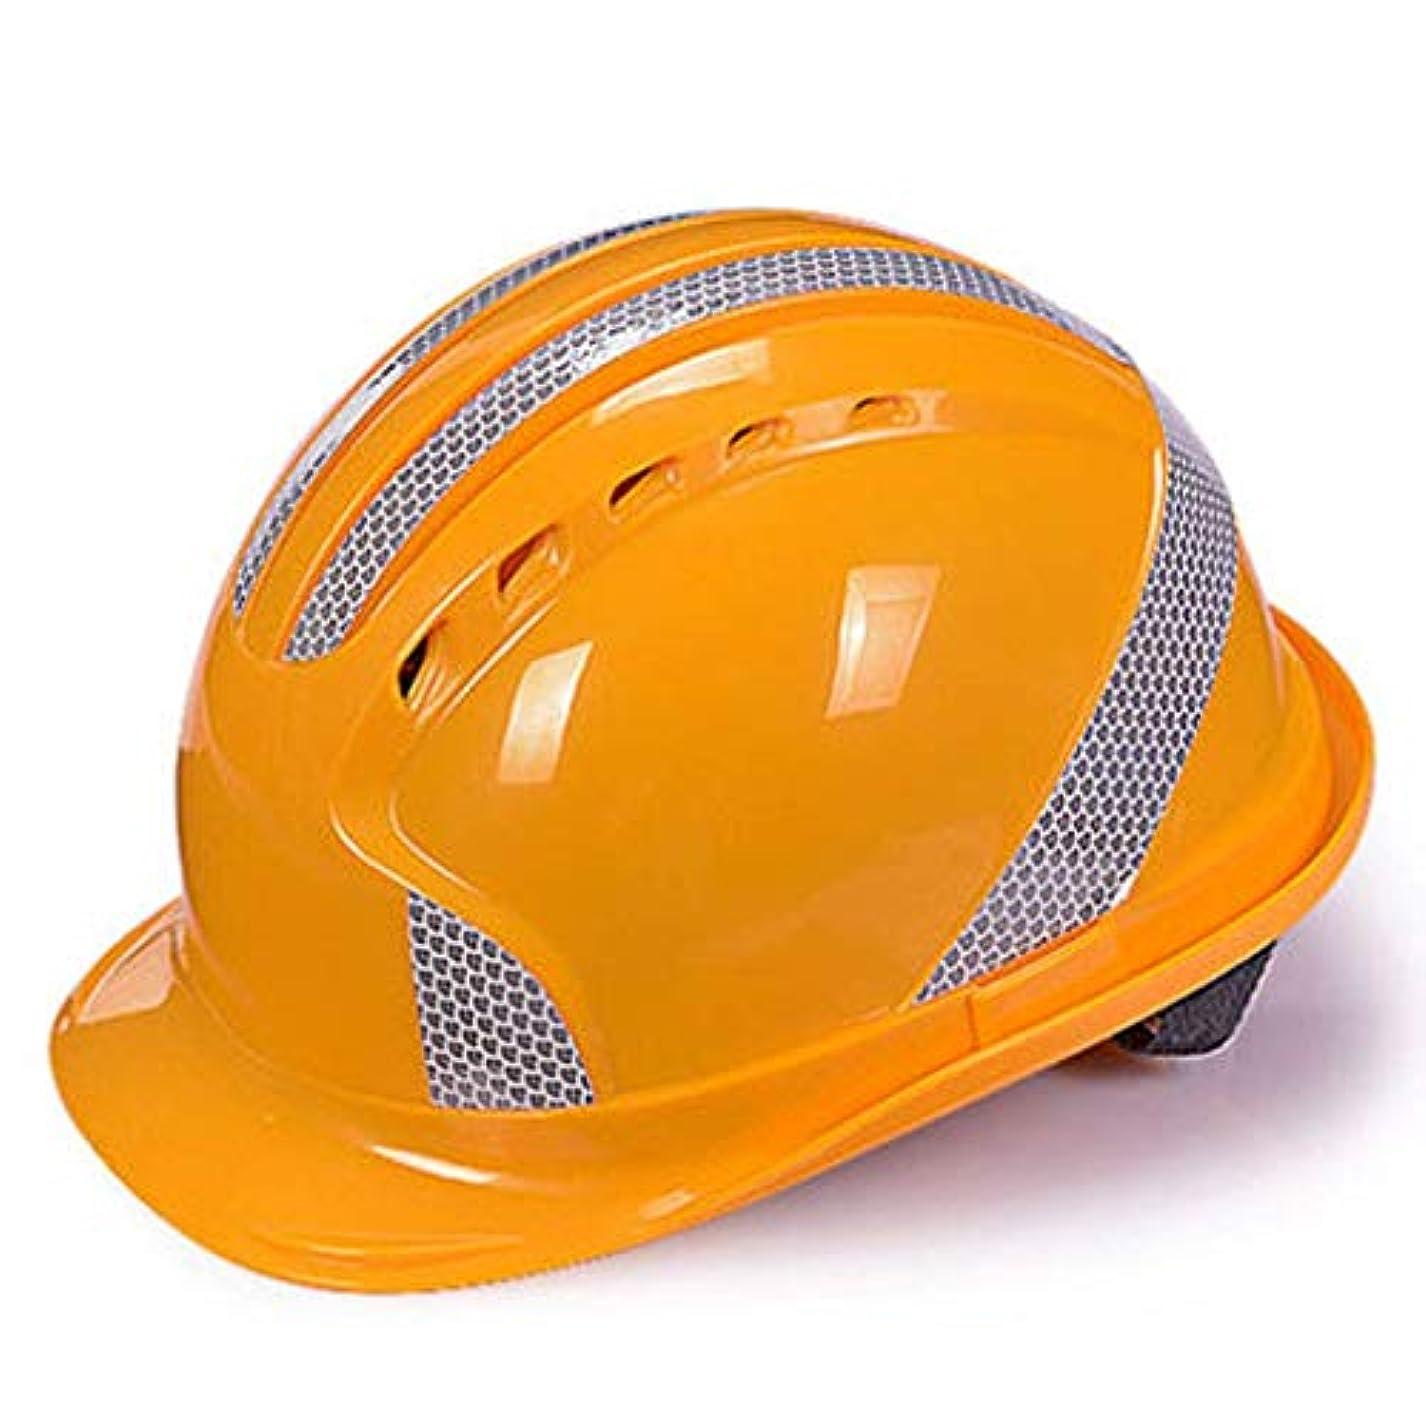 これまで延期するグローブ作業用ヘルメット-Hard Hats- 作業用ヘルメット保護用ヘルメットヘルメット 夏涼しい贈り物 (Color : B)